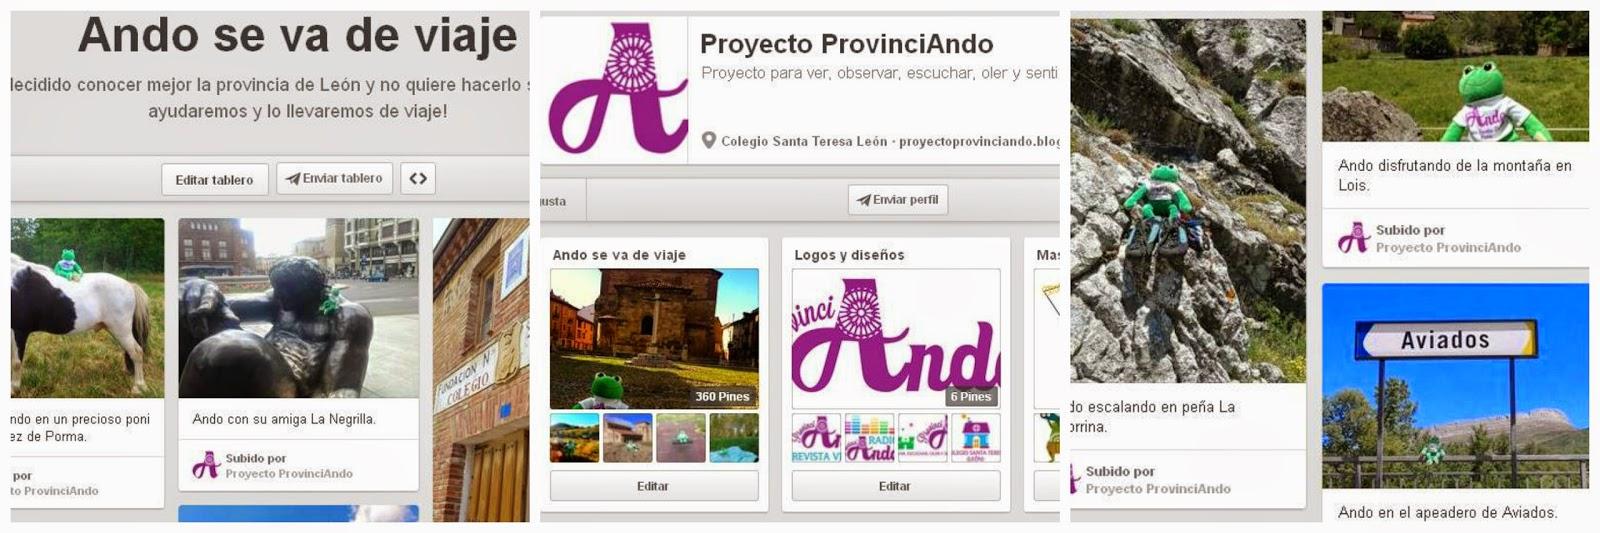 http://www.pinterest.com/provinciando/ando-se-va-de-viaje/